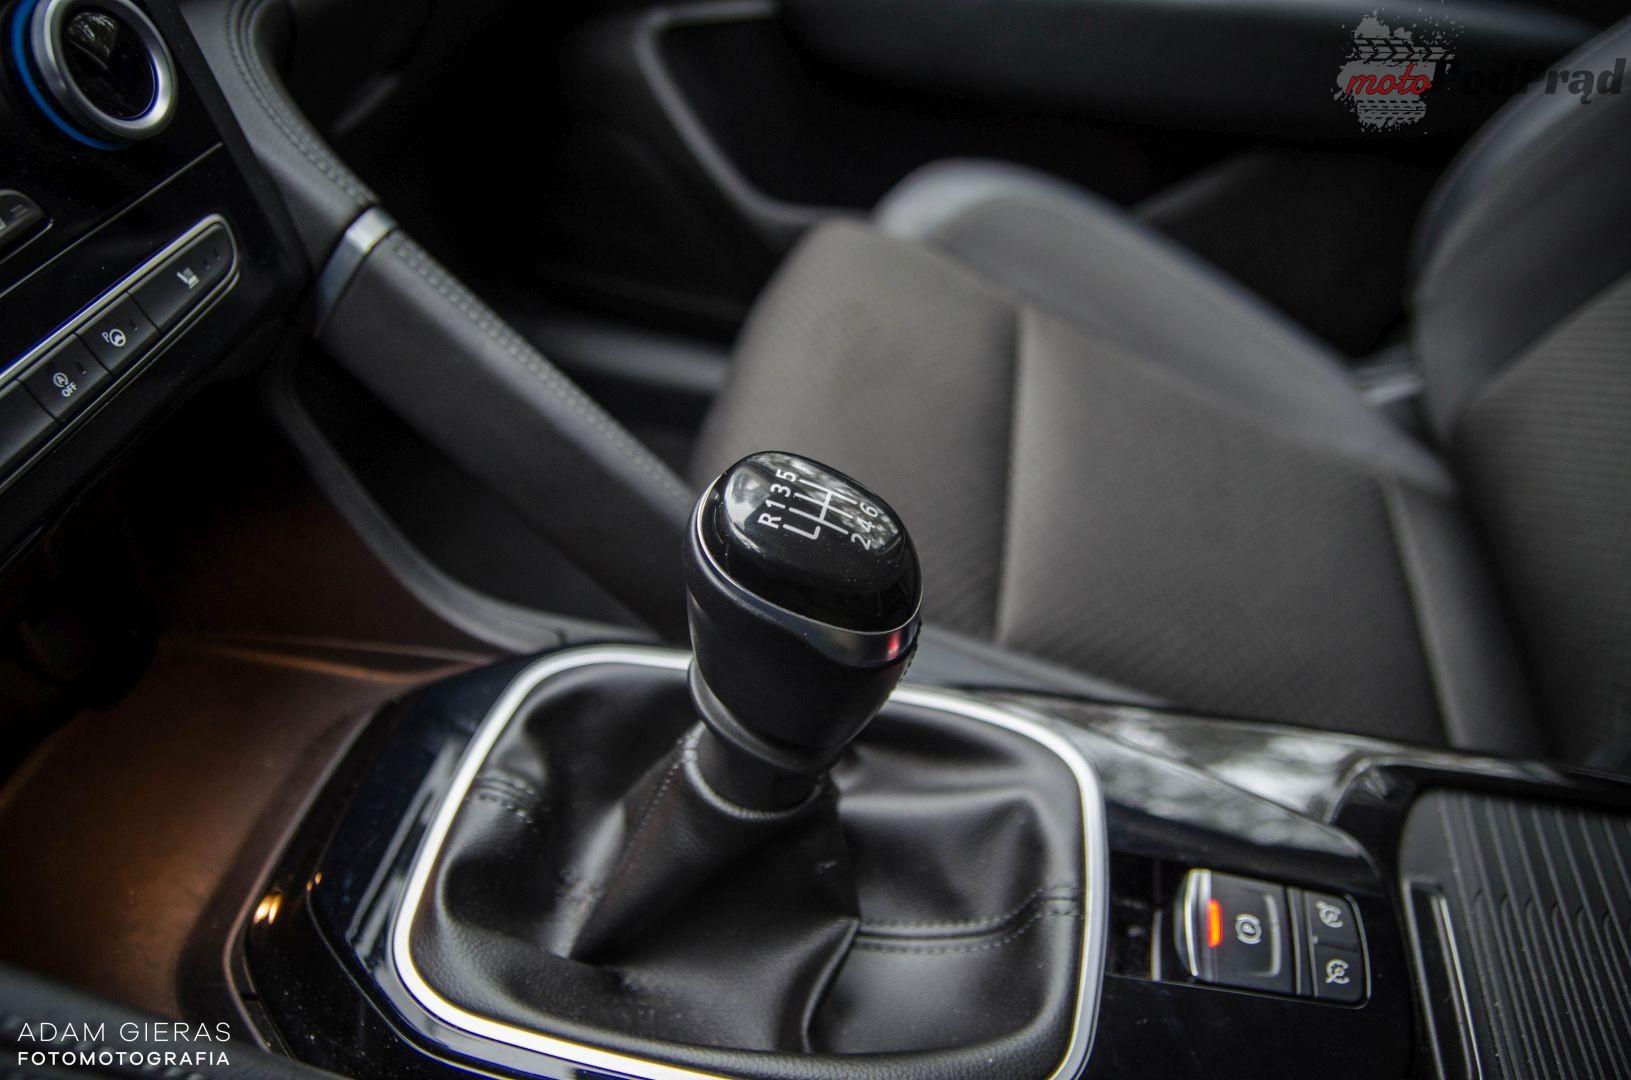 Renault Koleos 16 Test: Renault Koleos 2.0 dCi 4x4 Intens   przyjemny i stateczny